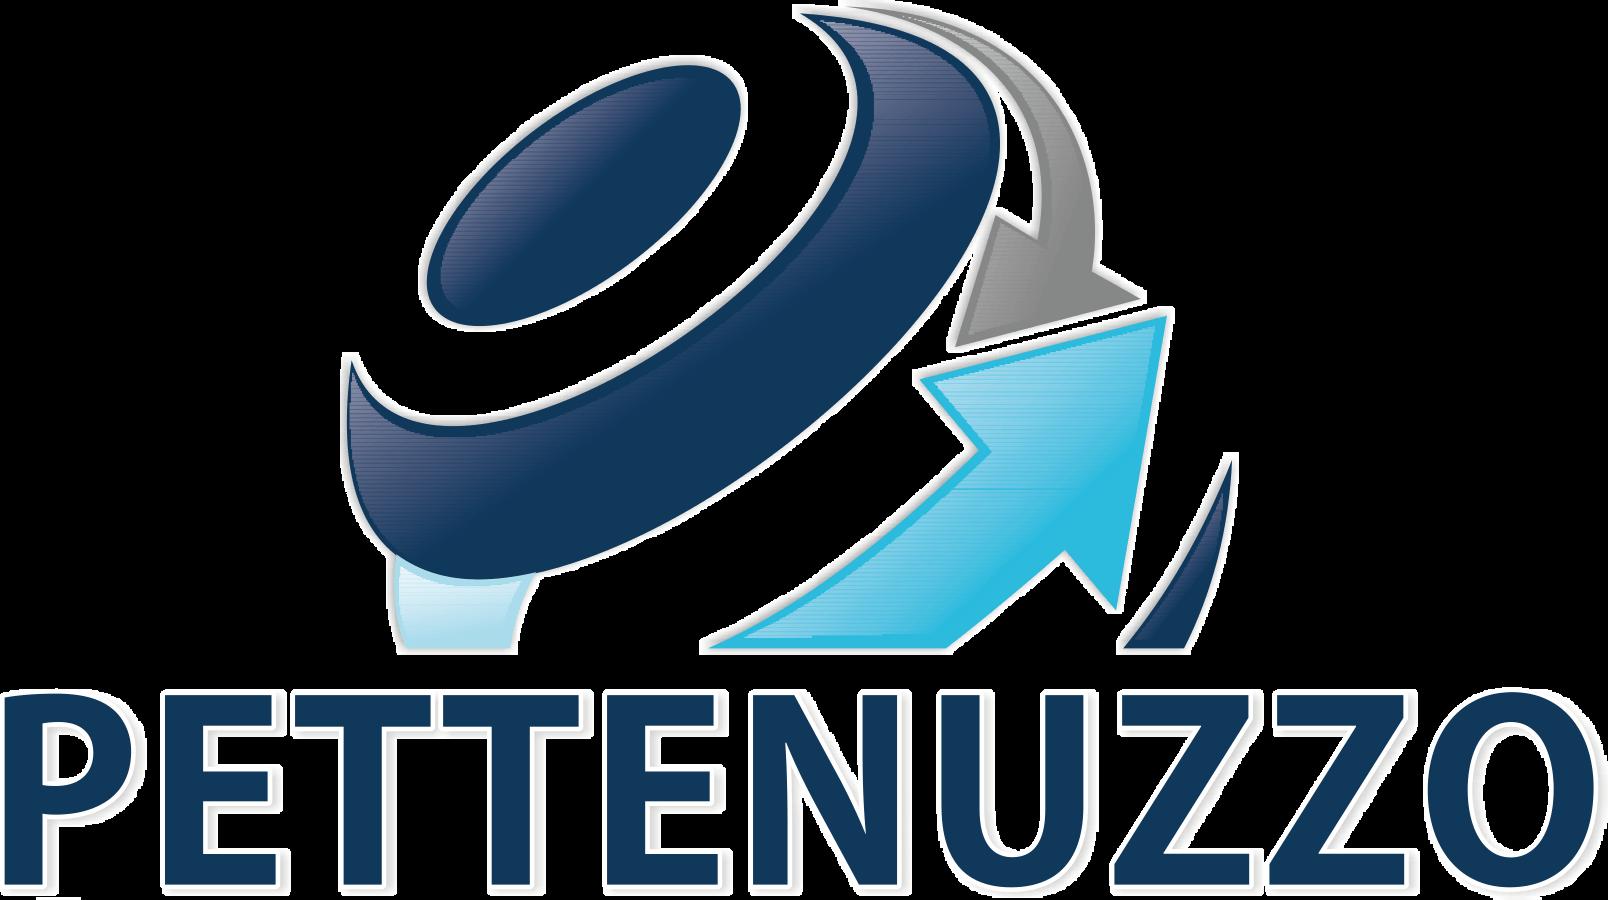 PETTENUZZO